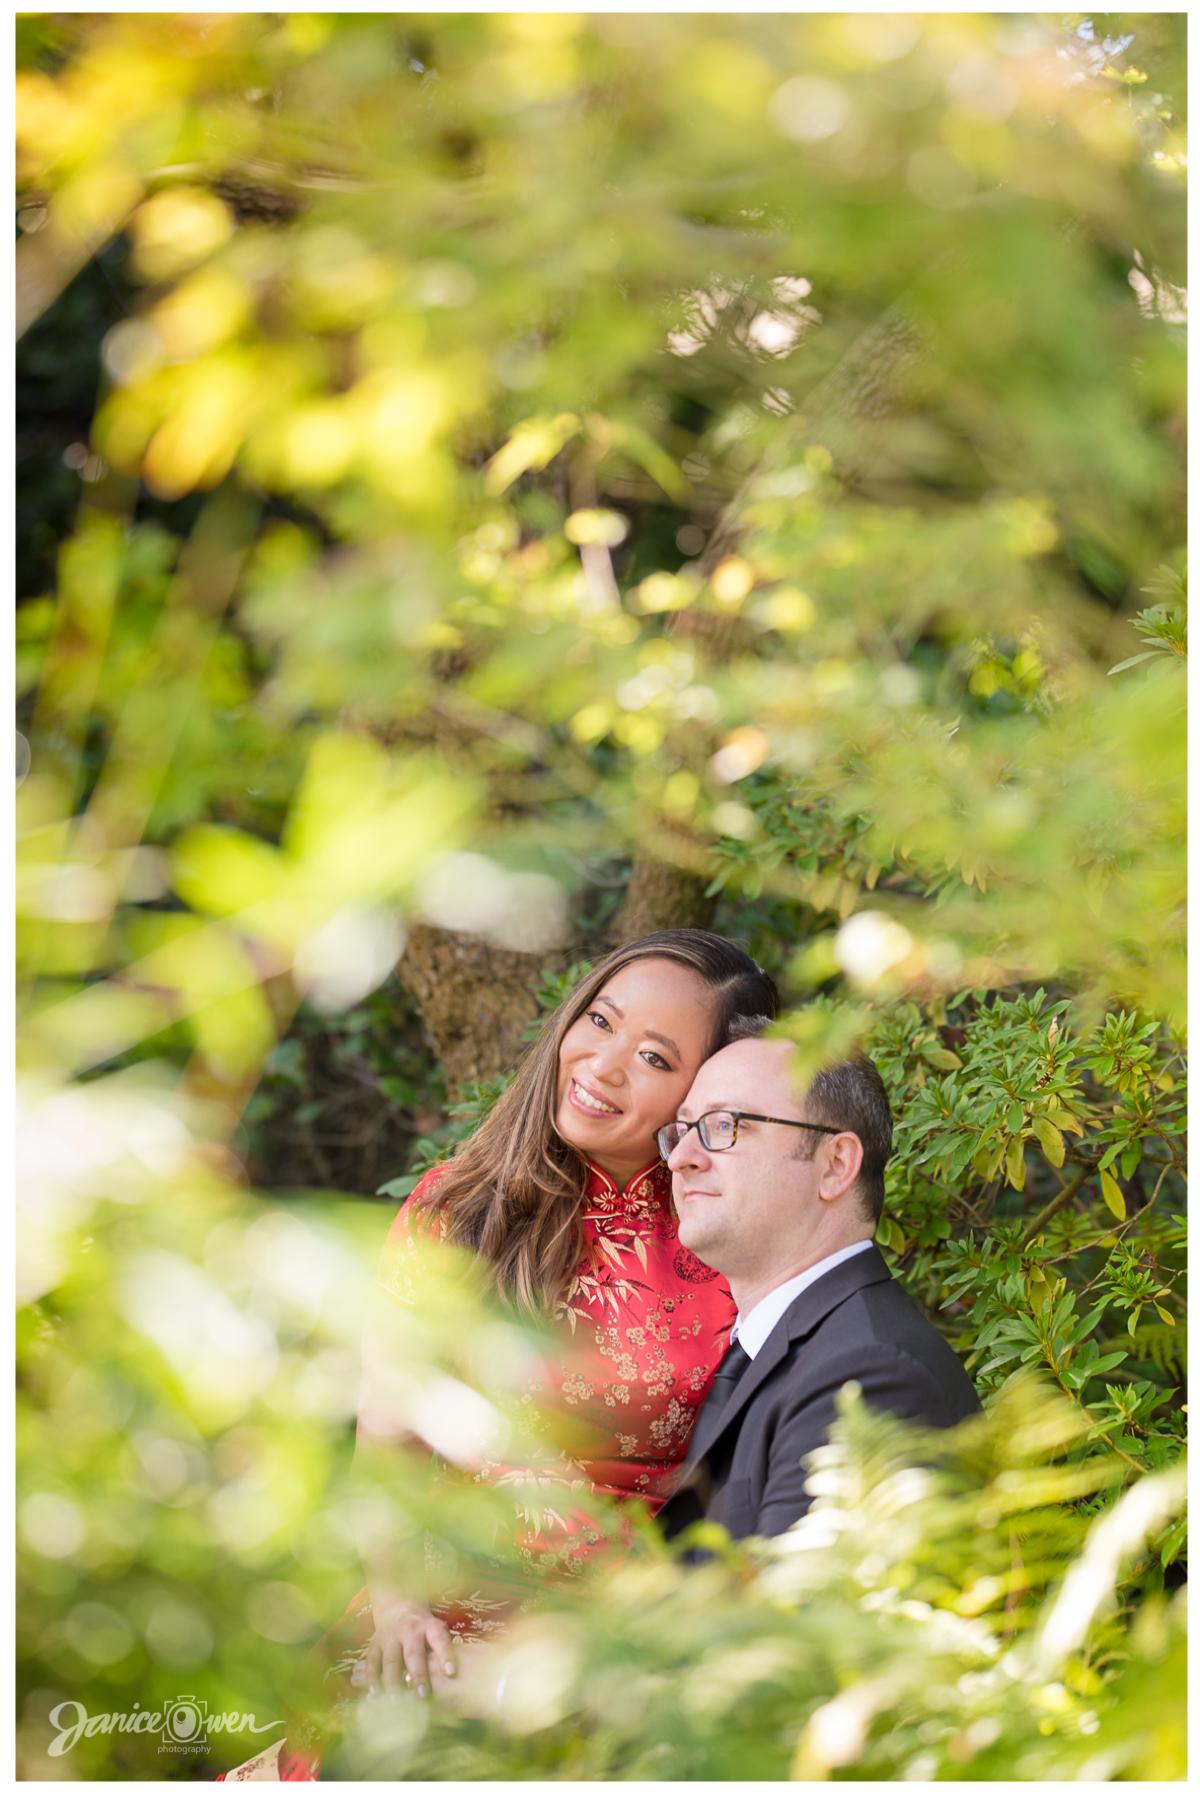 janiceowenphotography_wedding15.jpg